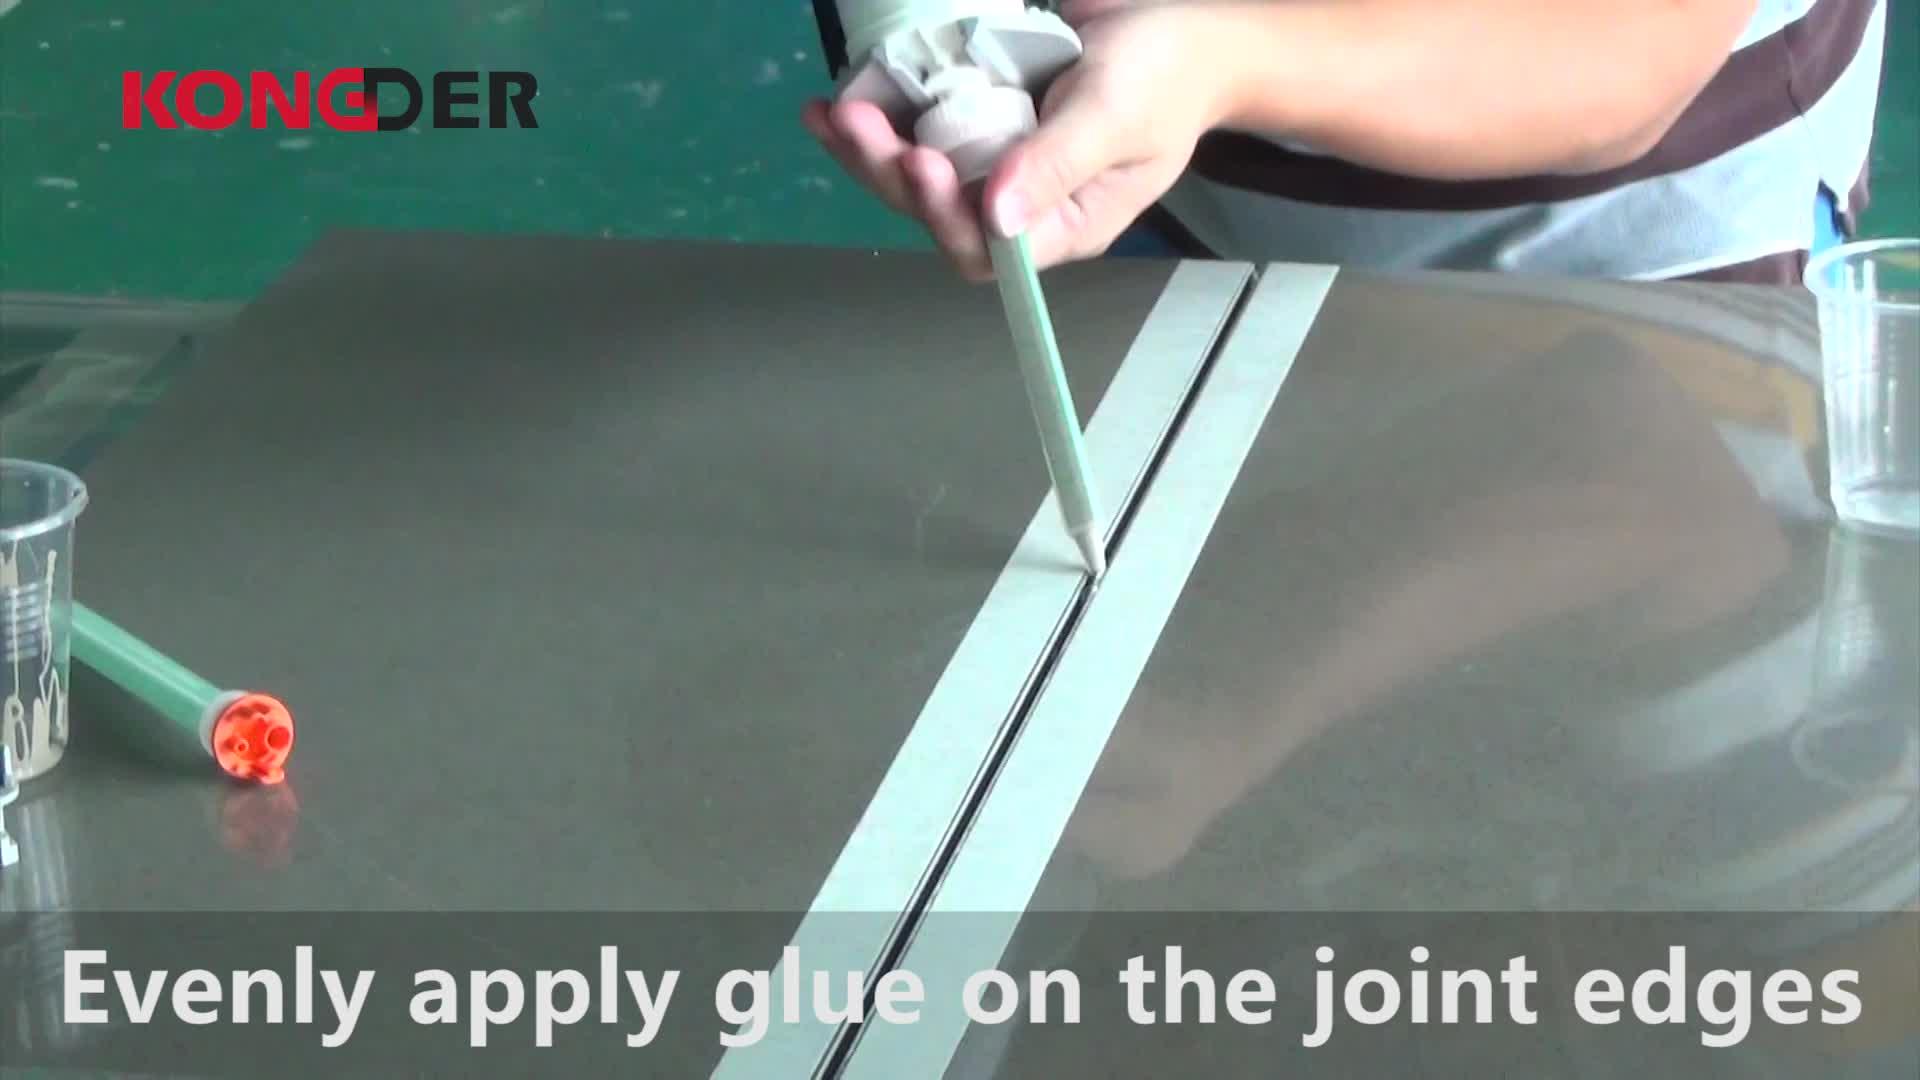 Goedkope prijs naadloze bonding steen lijmen leveranciers voor effen oppervlak/quartz steen/Procelain